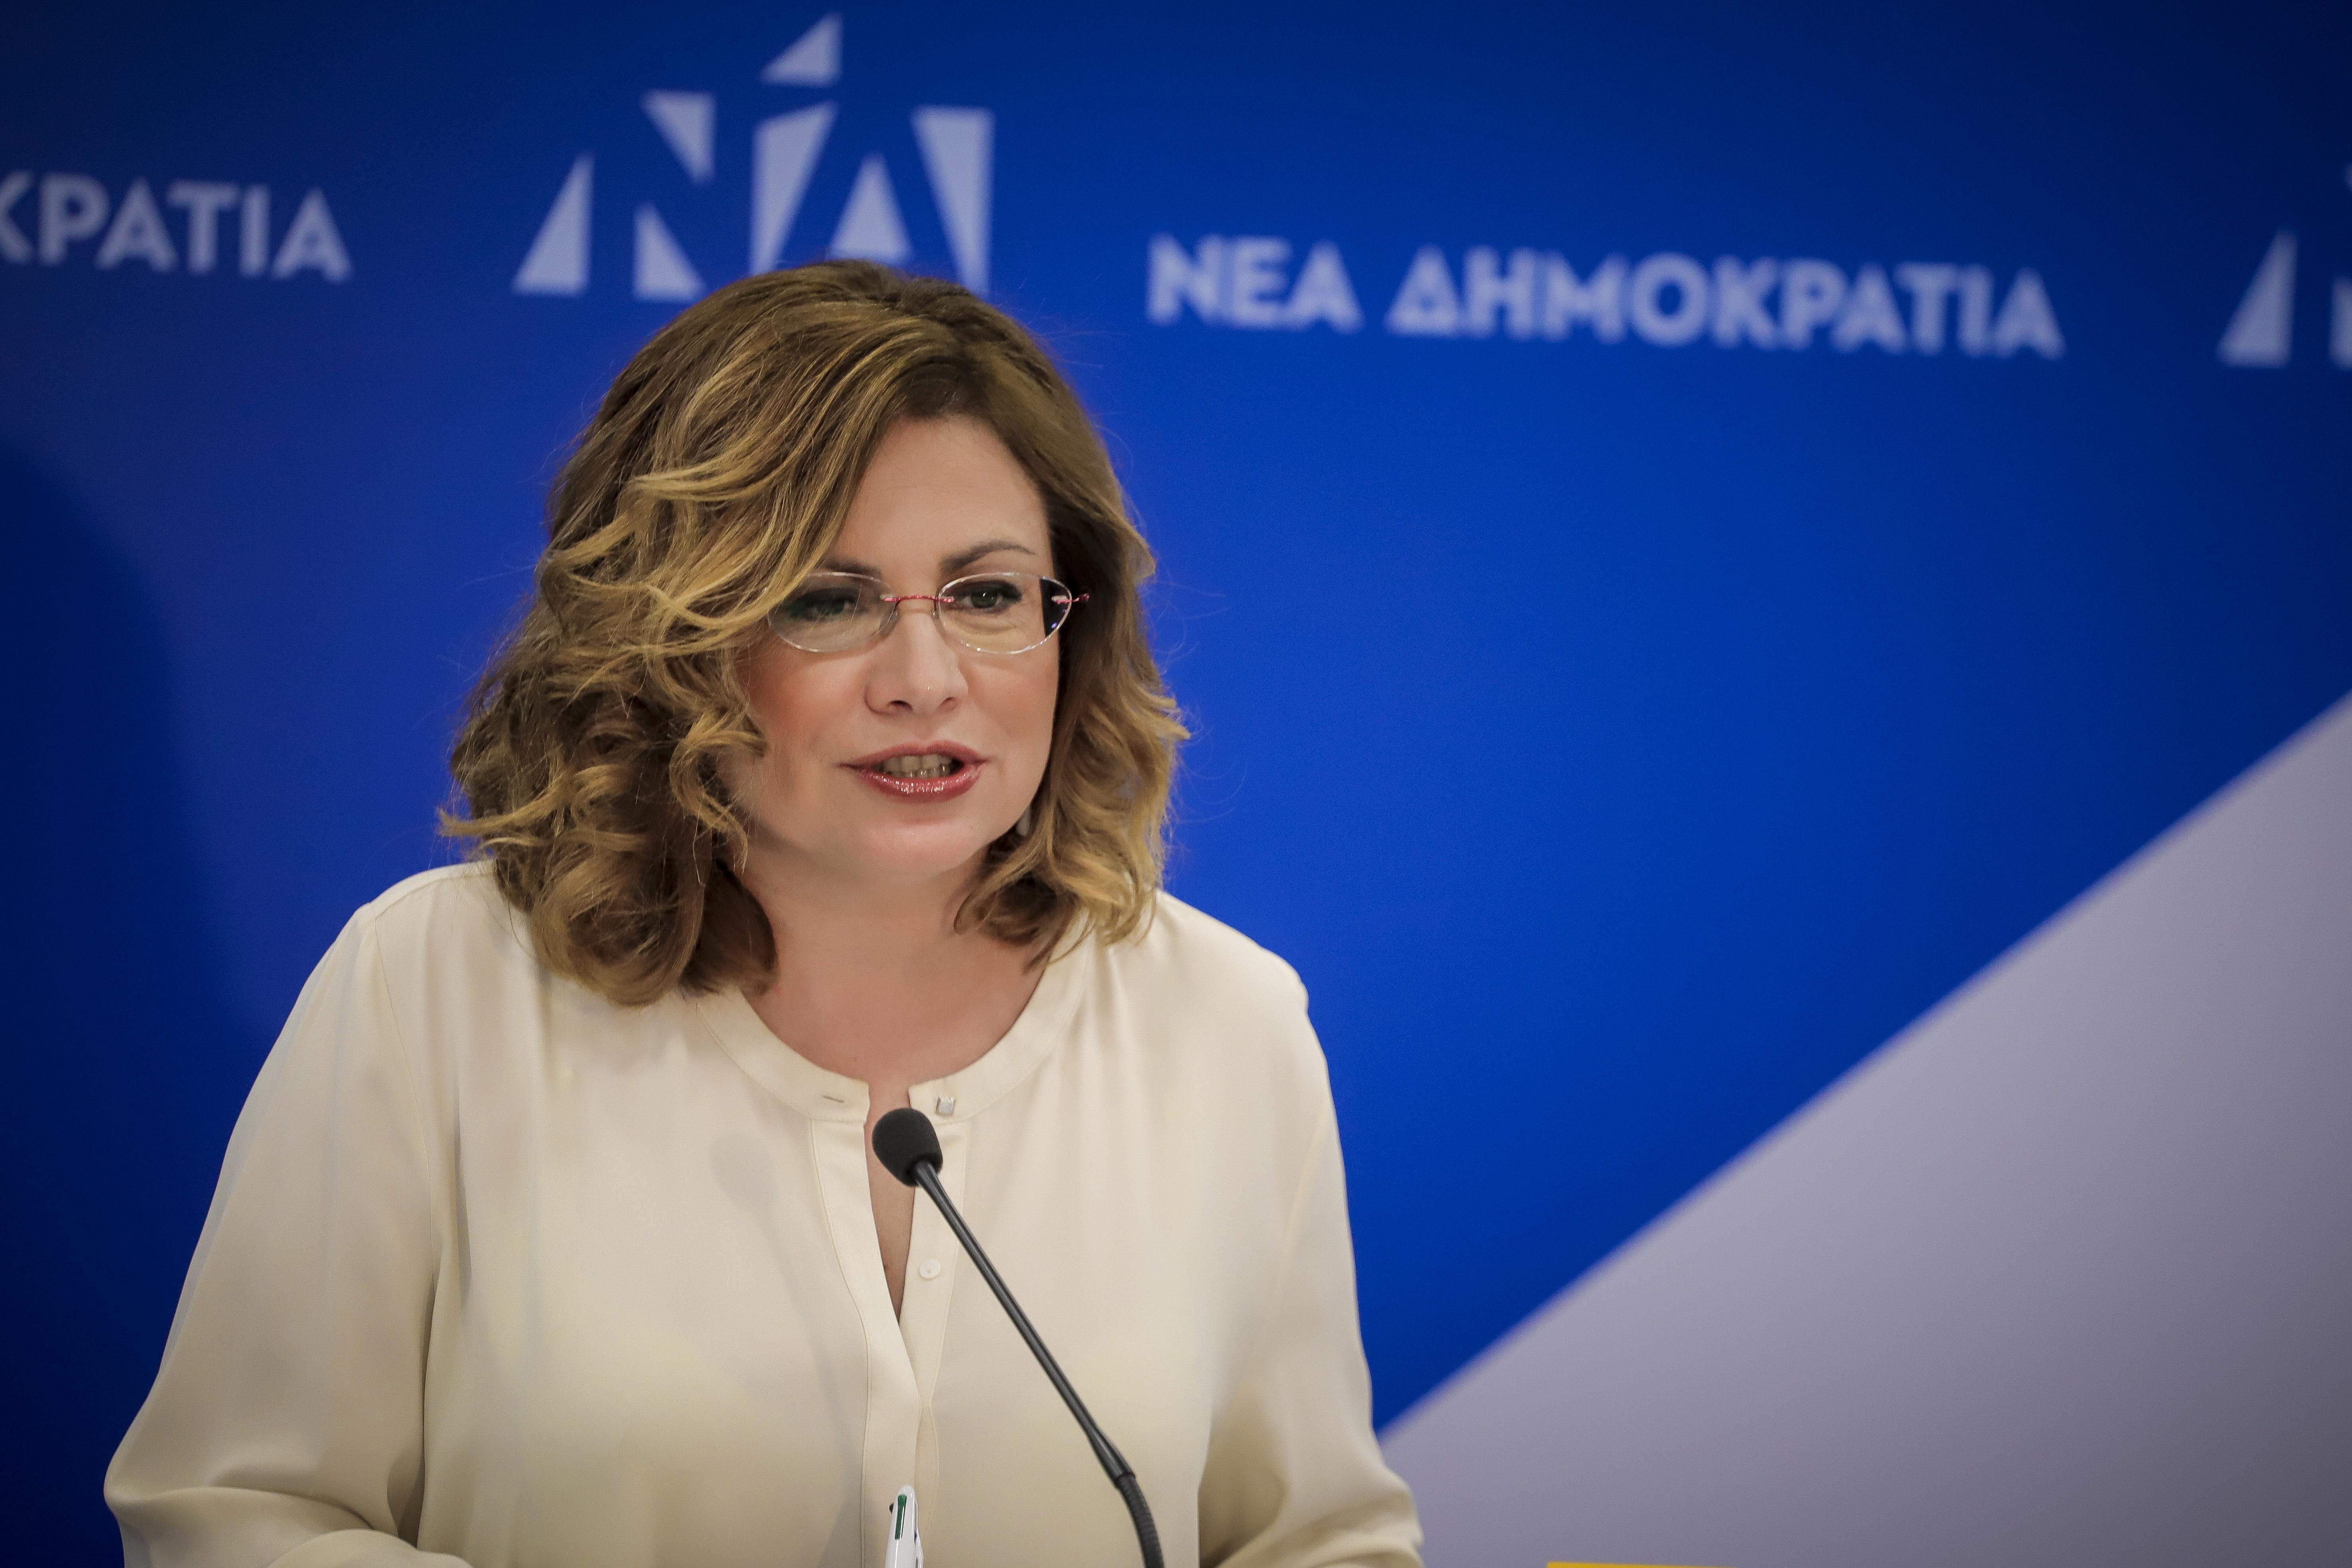 Η Μαρία Σπυράκη υποψήφια για το βραβείο «Ευρωβουλευτής της χρονιάς»